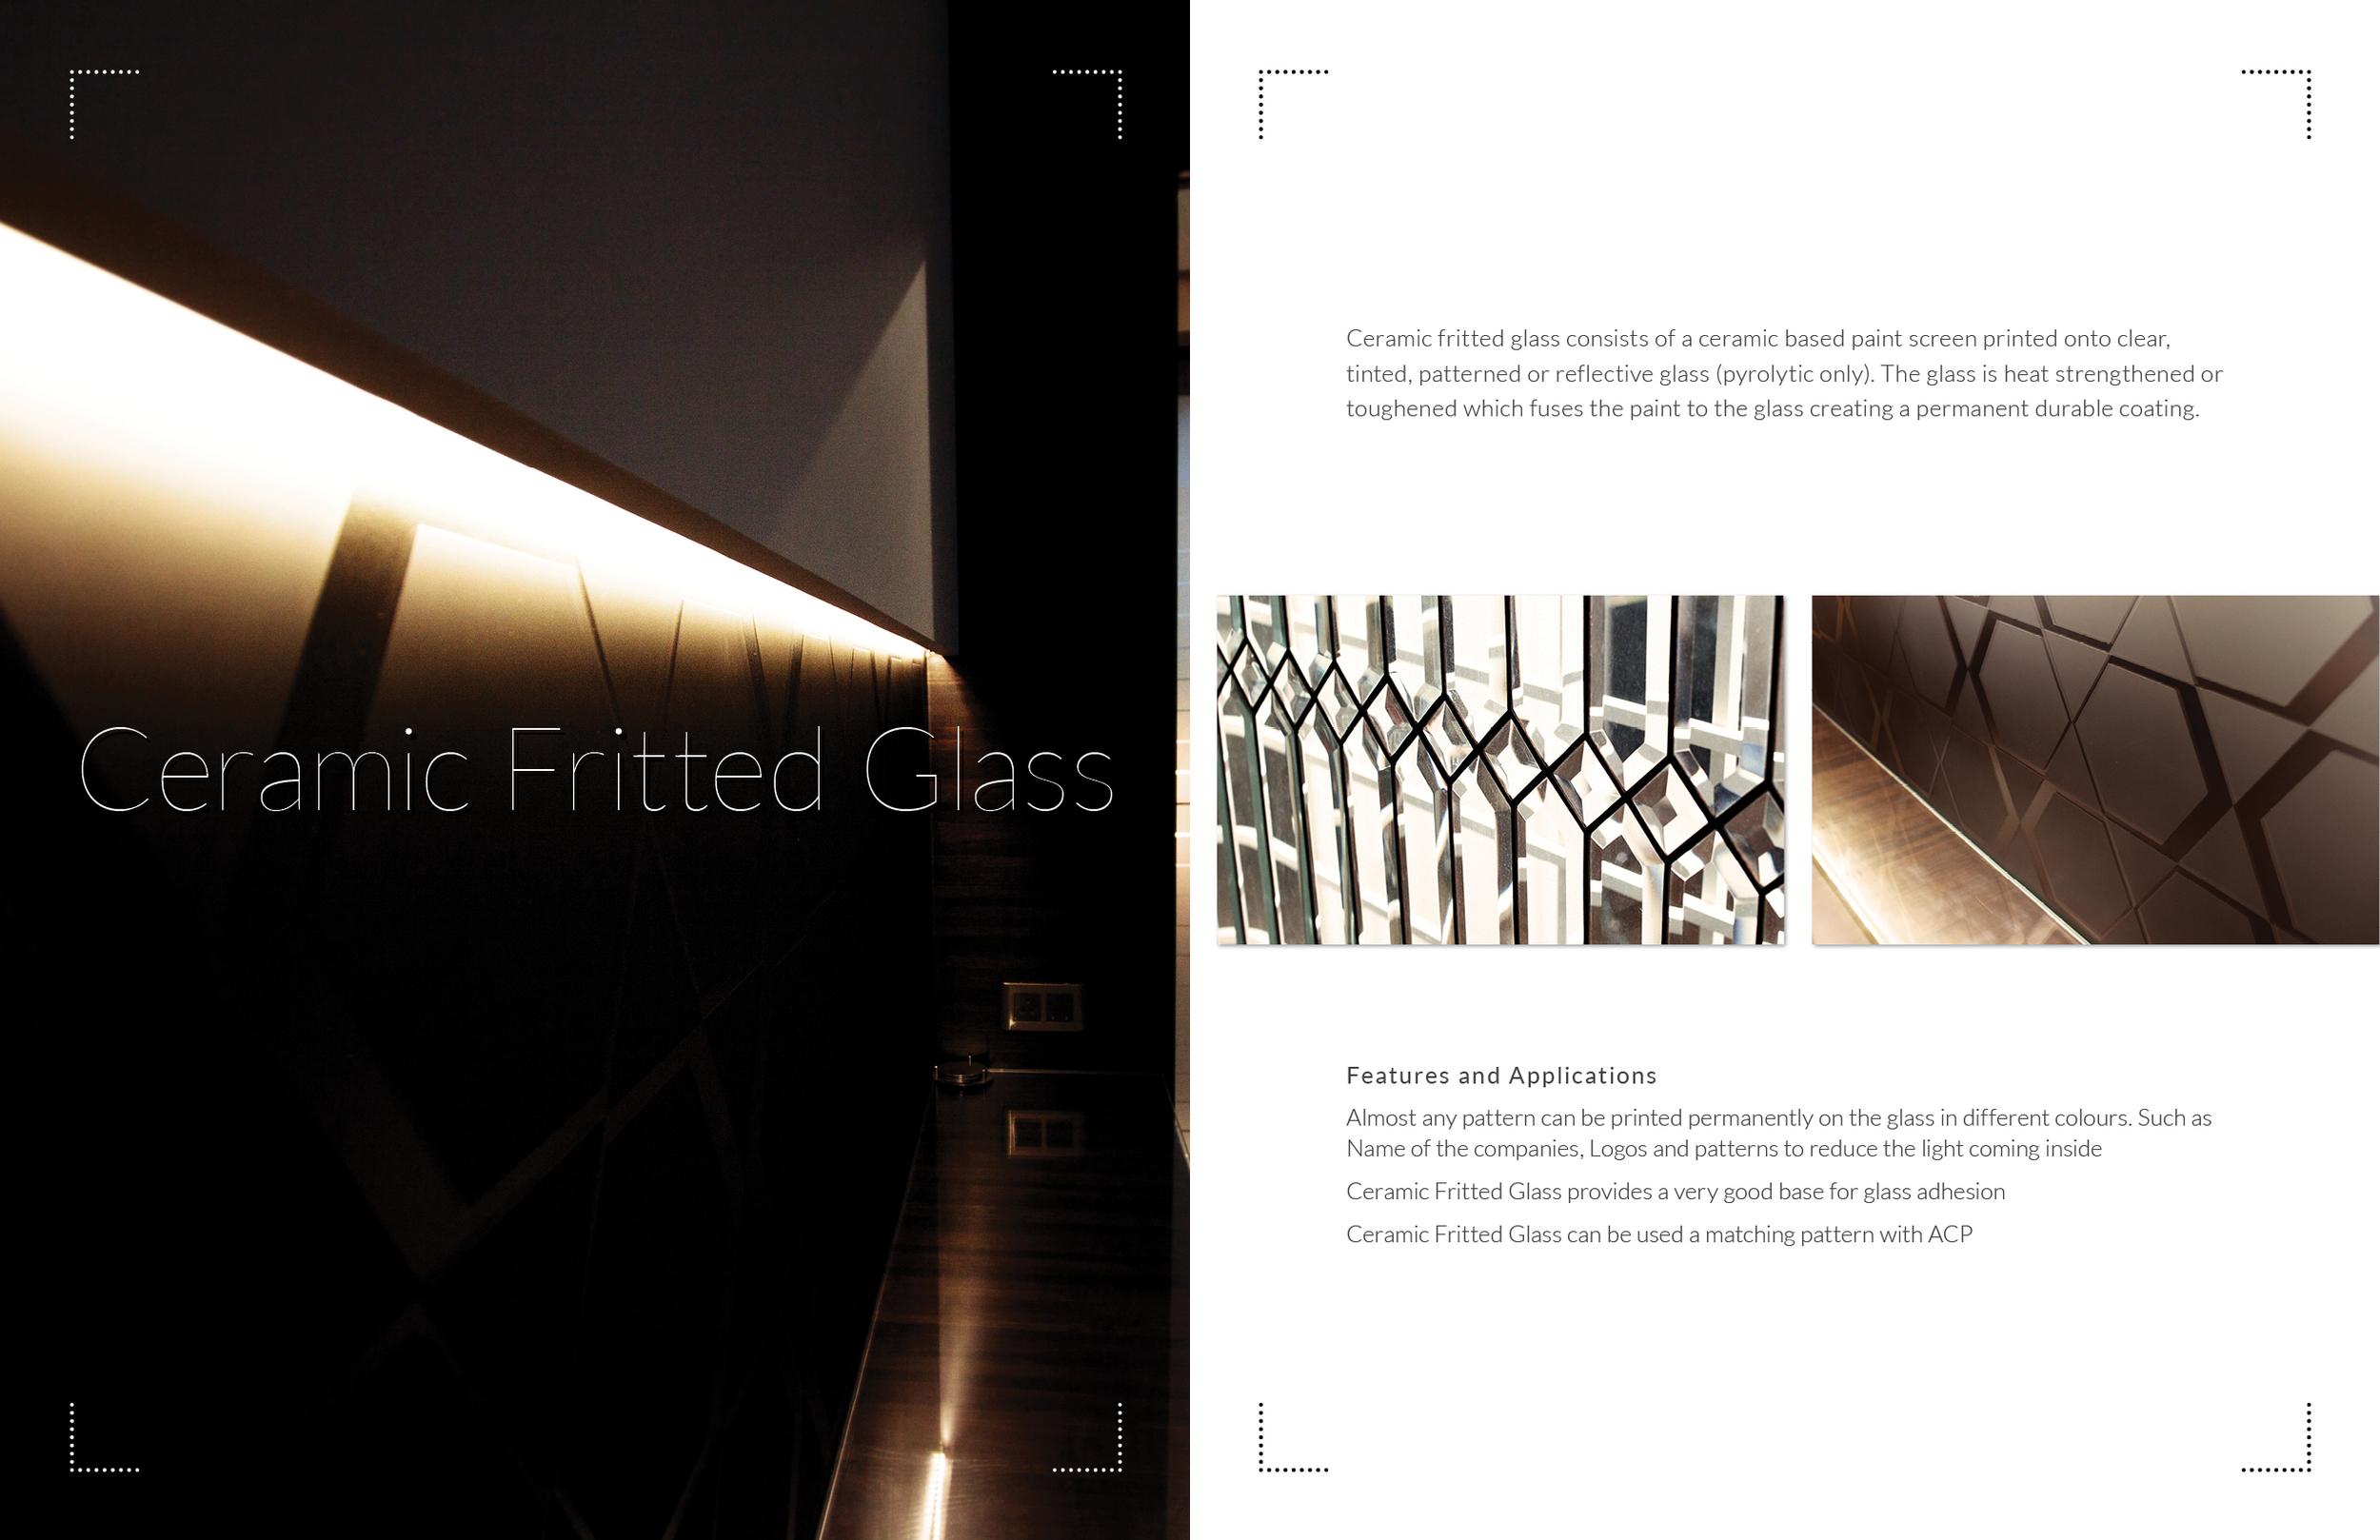 SAGlass Brochure - FINAL - 0605201613.jpg